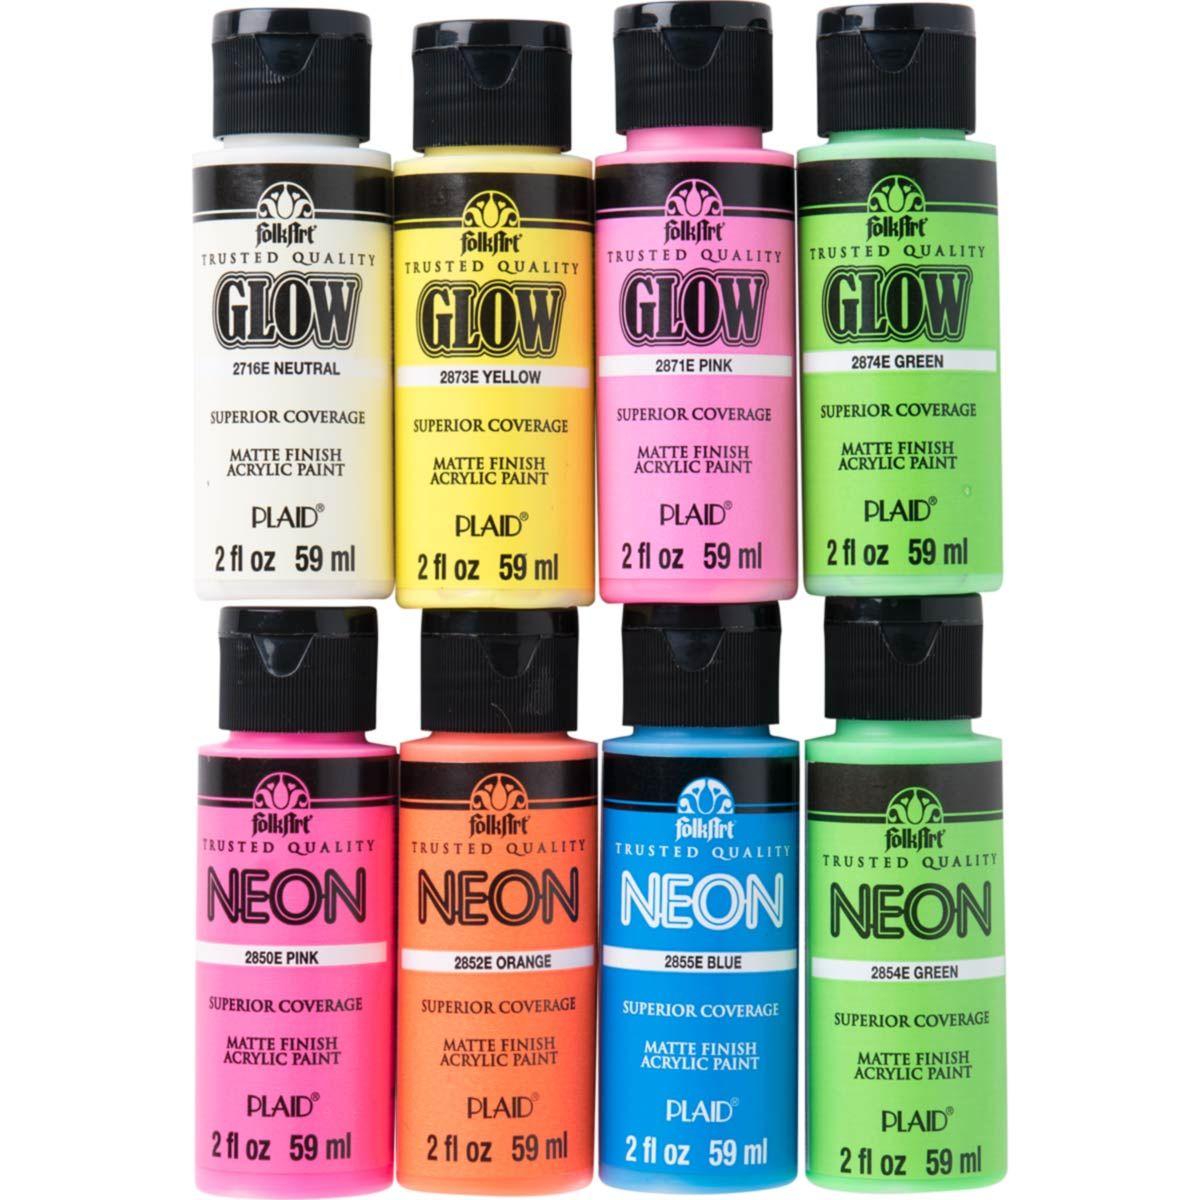 Shop Plaid Folkart Neons Glow In The Dark 8 Color Set Promofaglow8 Promofaglow8 In 2021 Acrylic Paint Set Paint Set Neon Glow